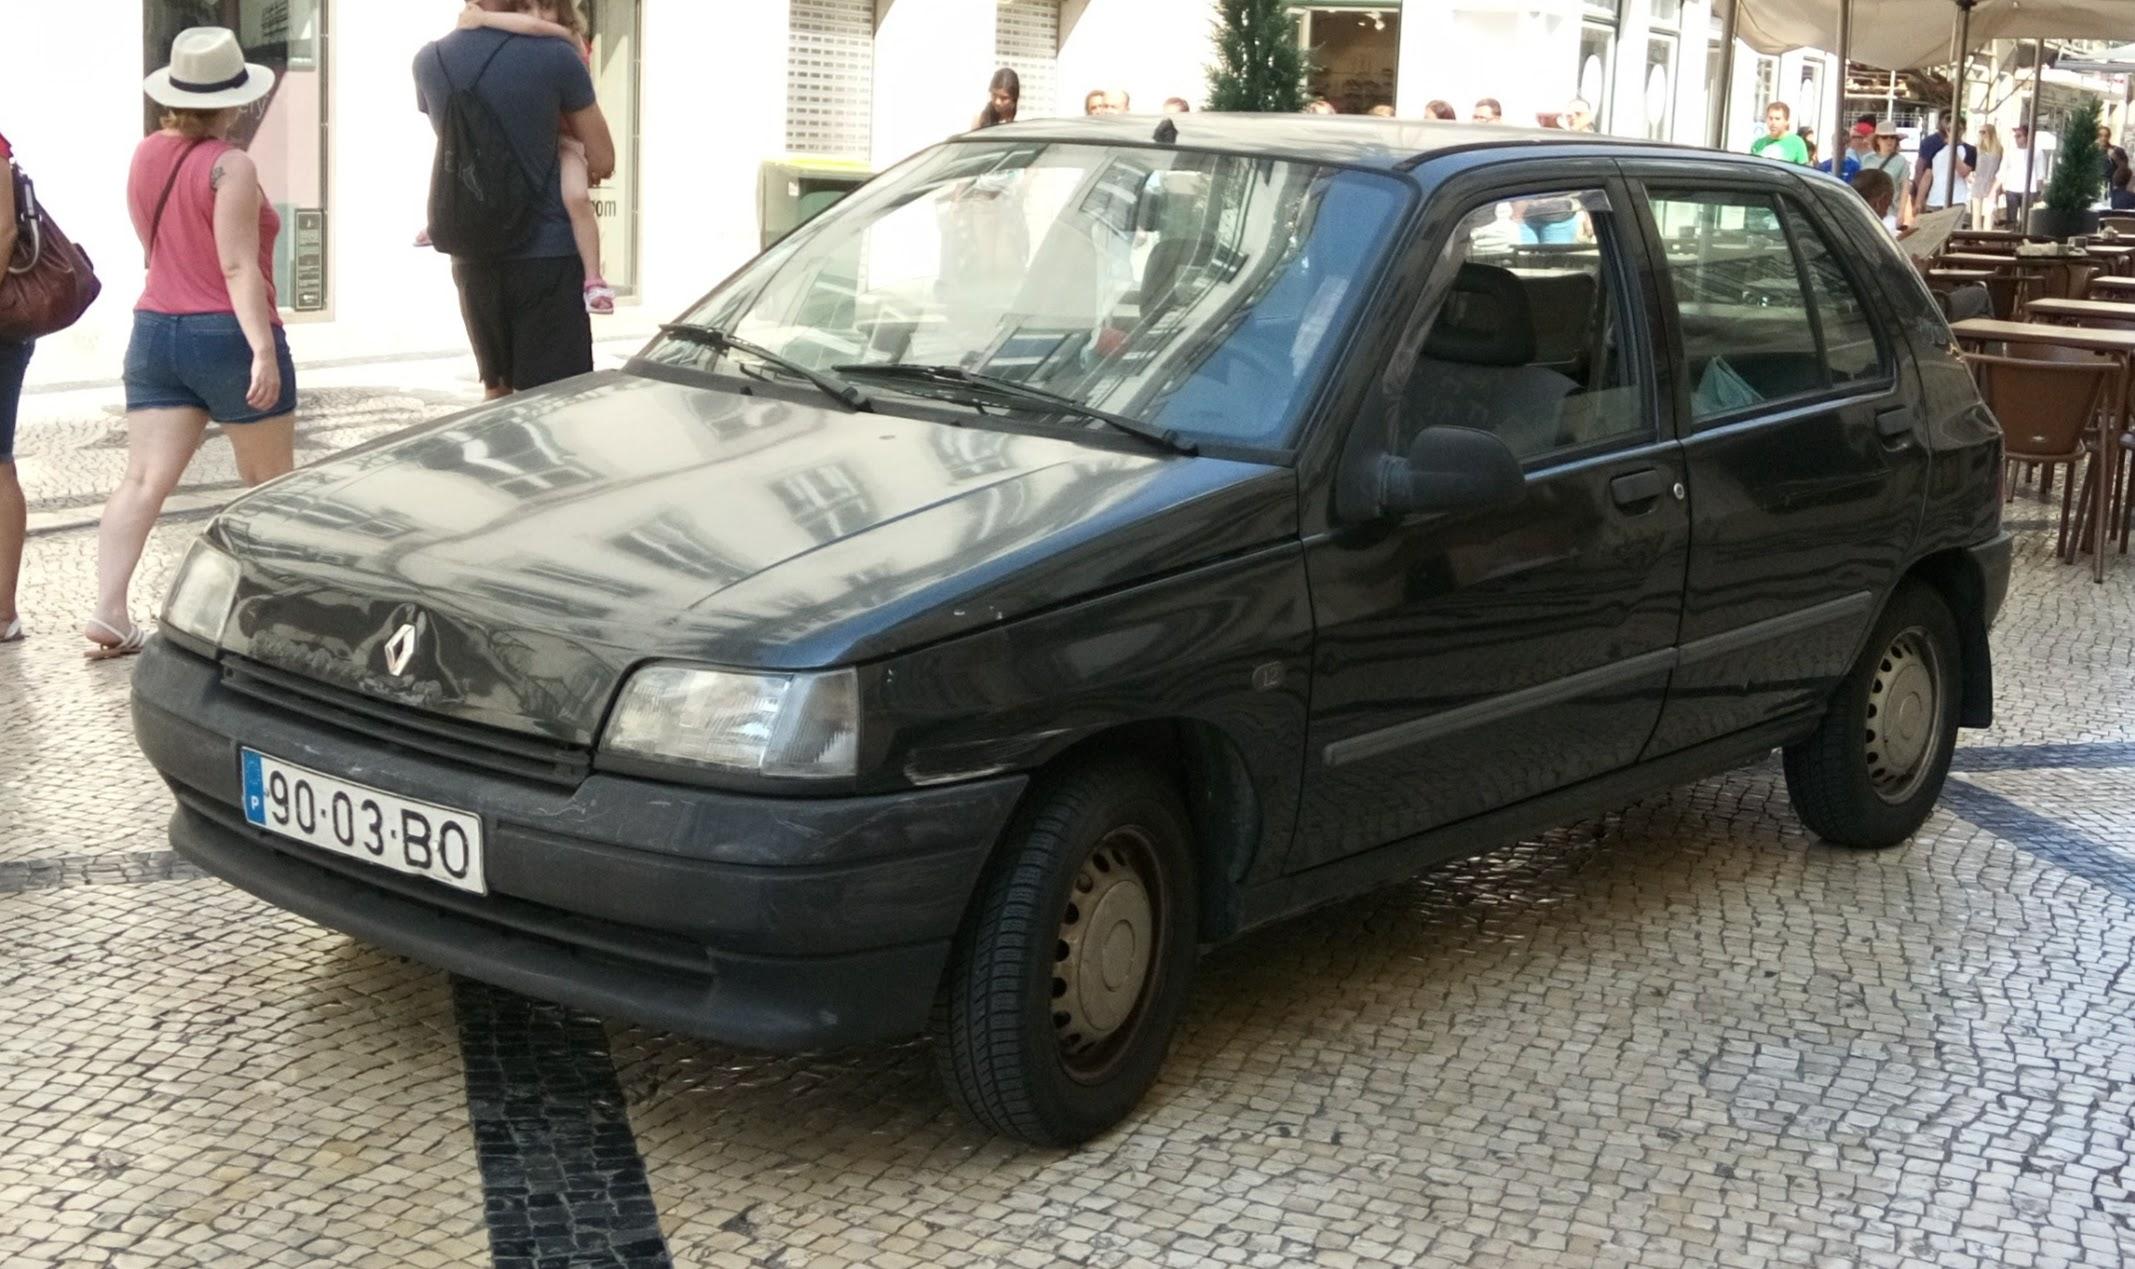 File:Black Renault Clio 1997.jpg